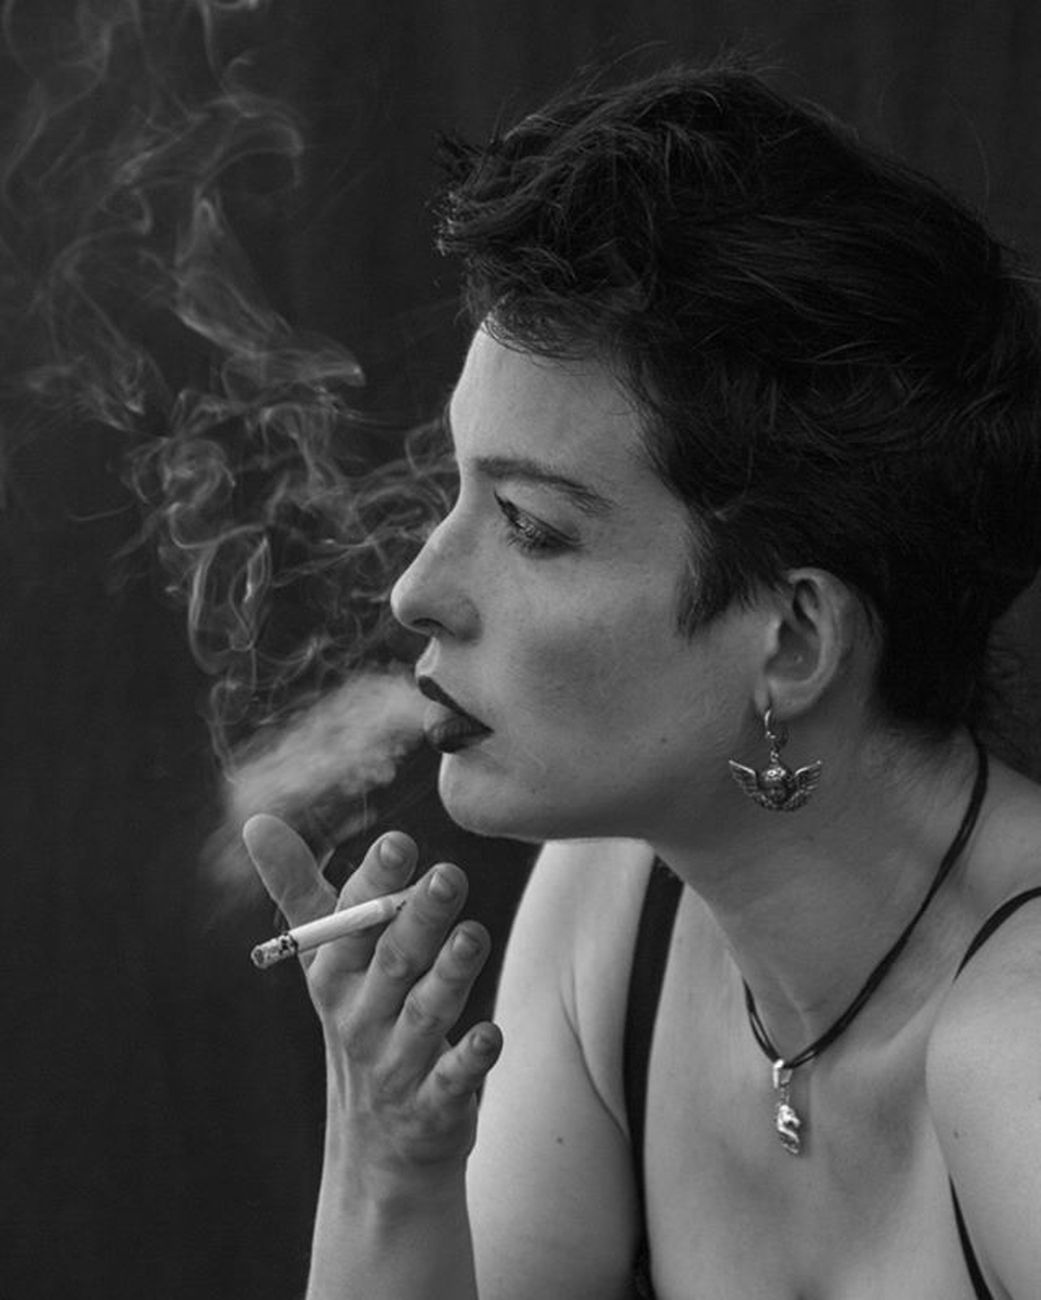 #smoke #cigar #cigarro #fumar #humo #fog #smoking #fumando